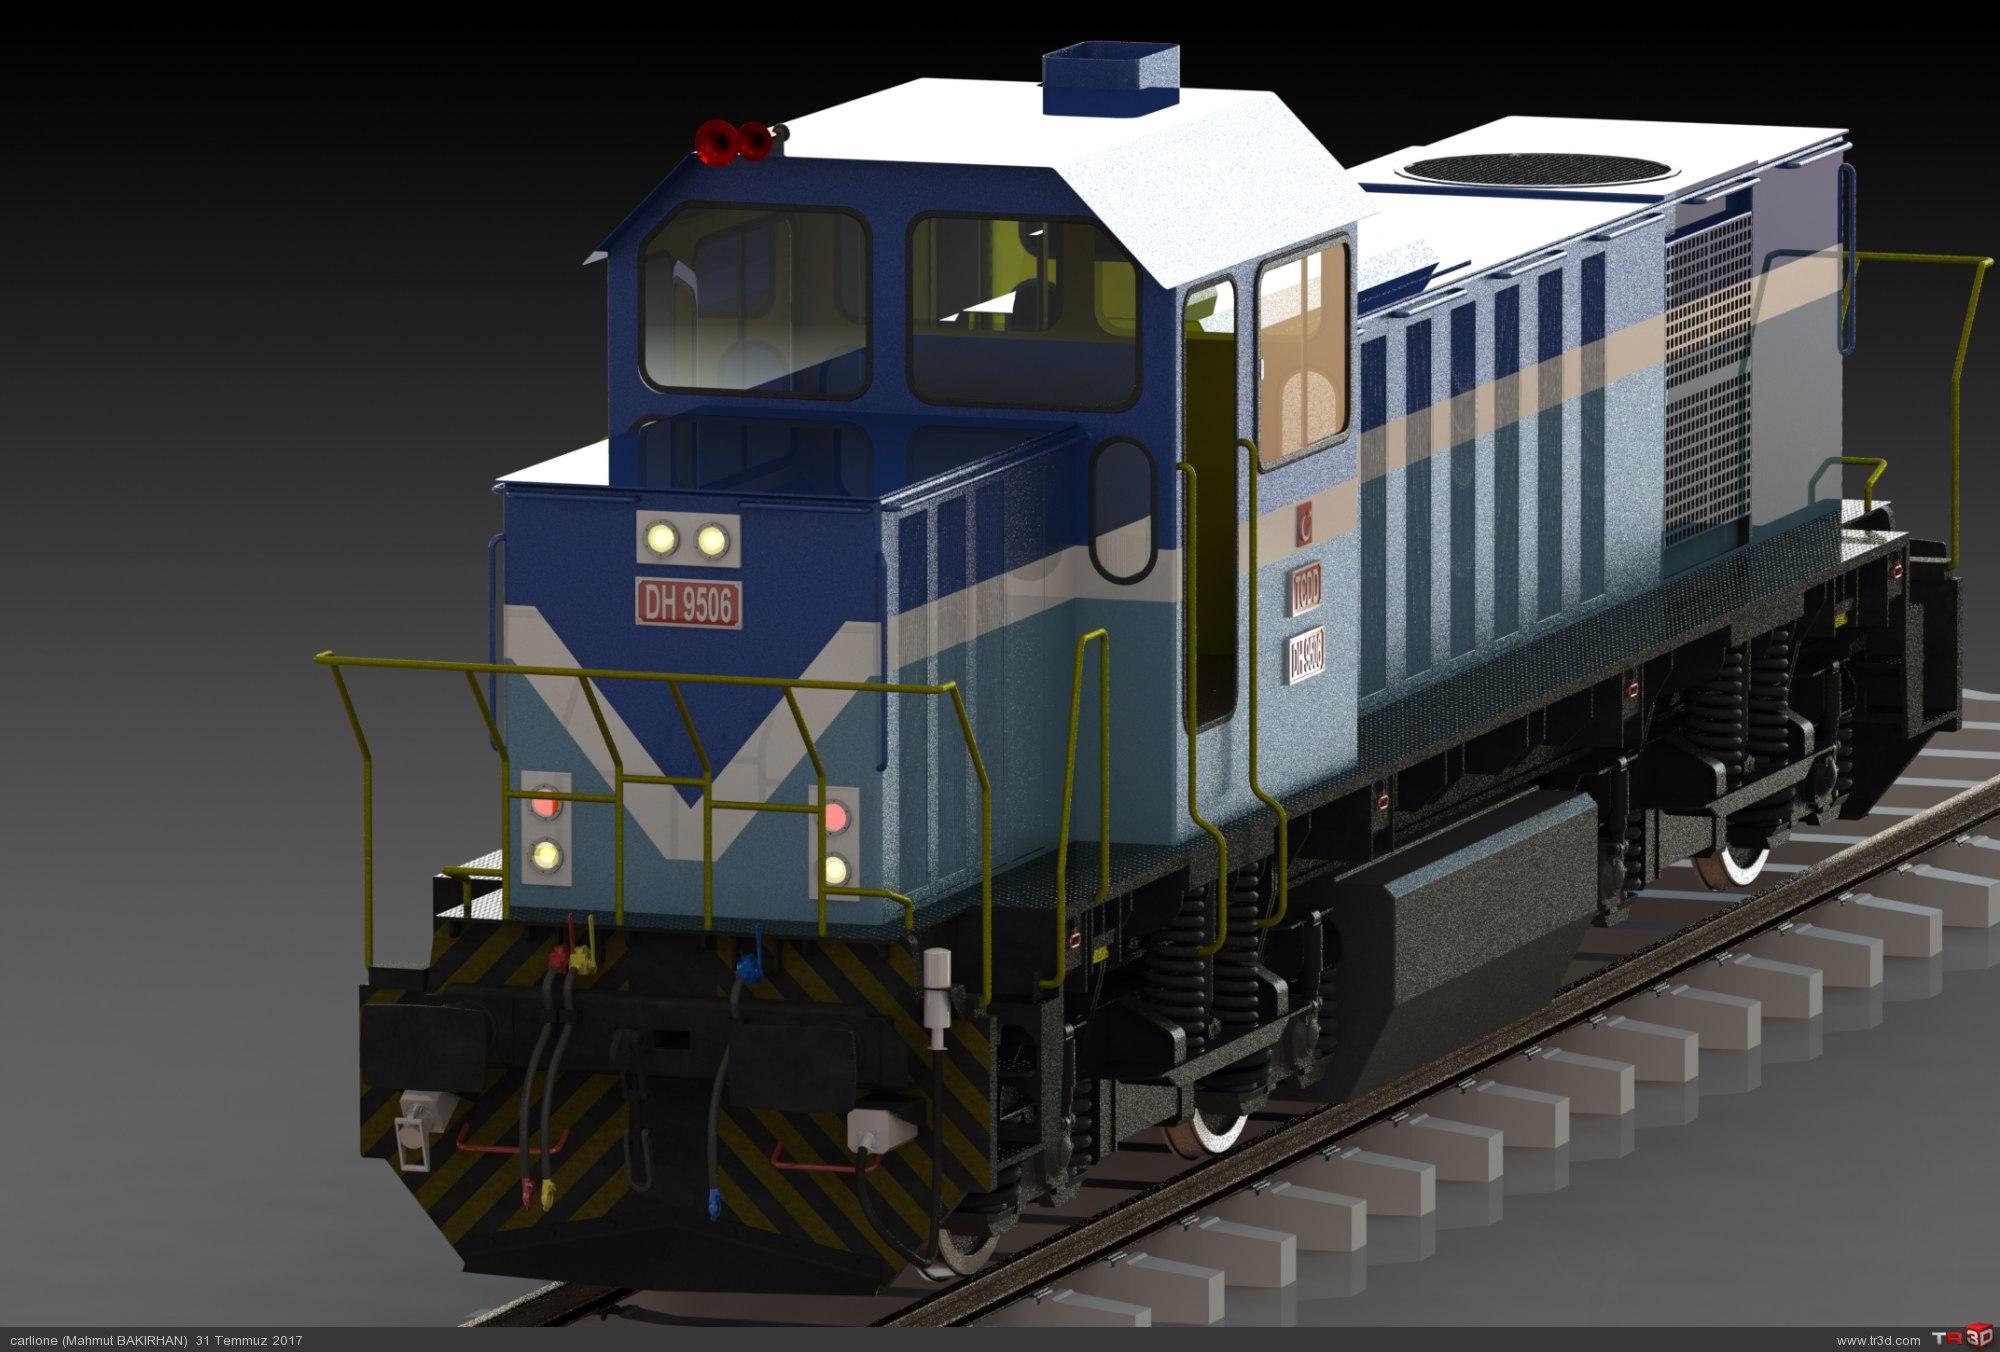 DH 9500 Manevra lokomotifi